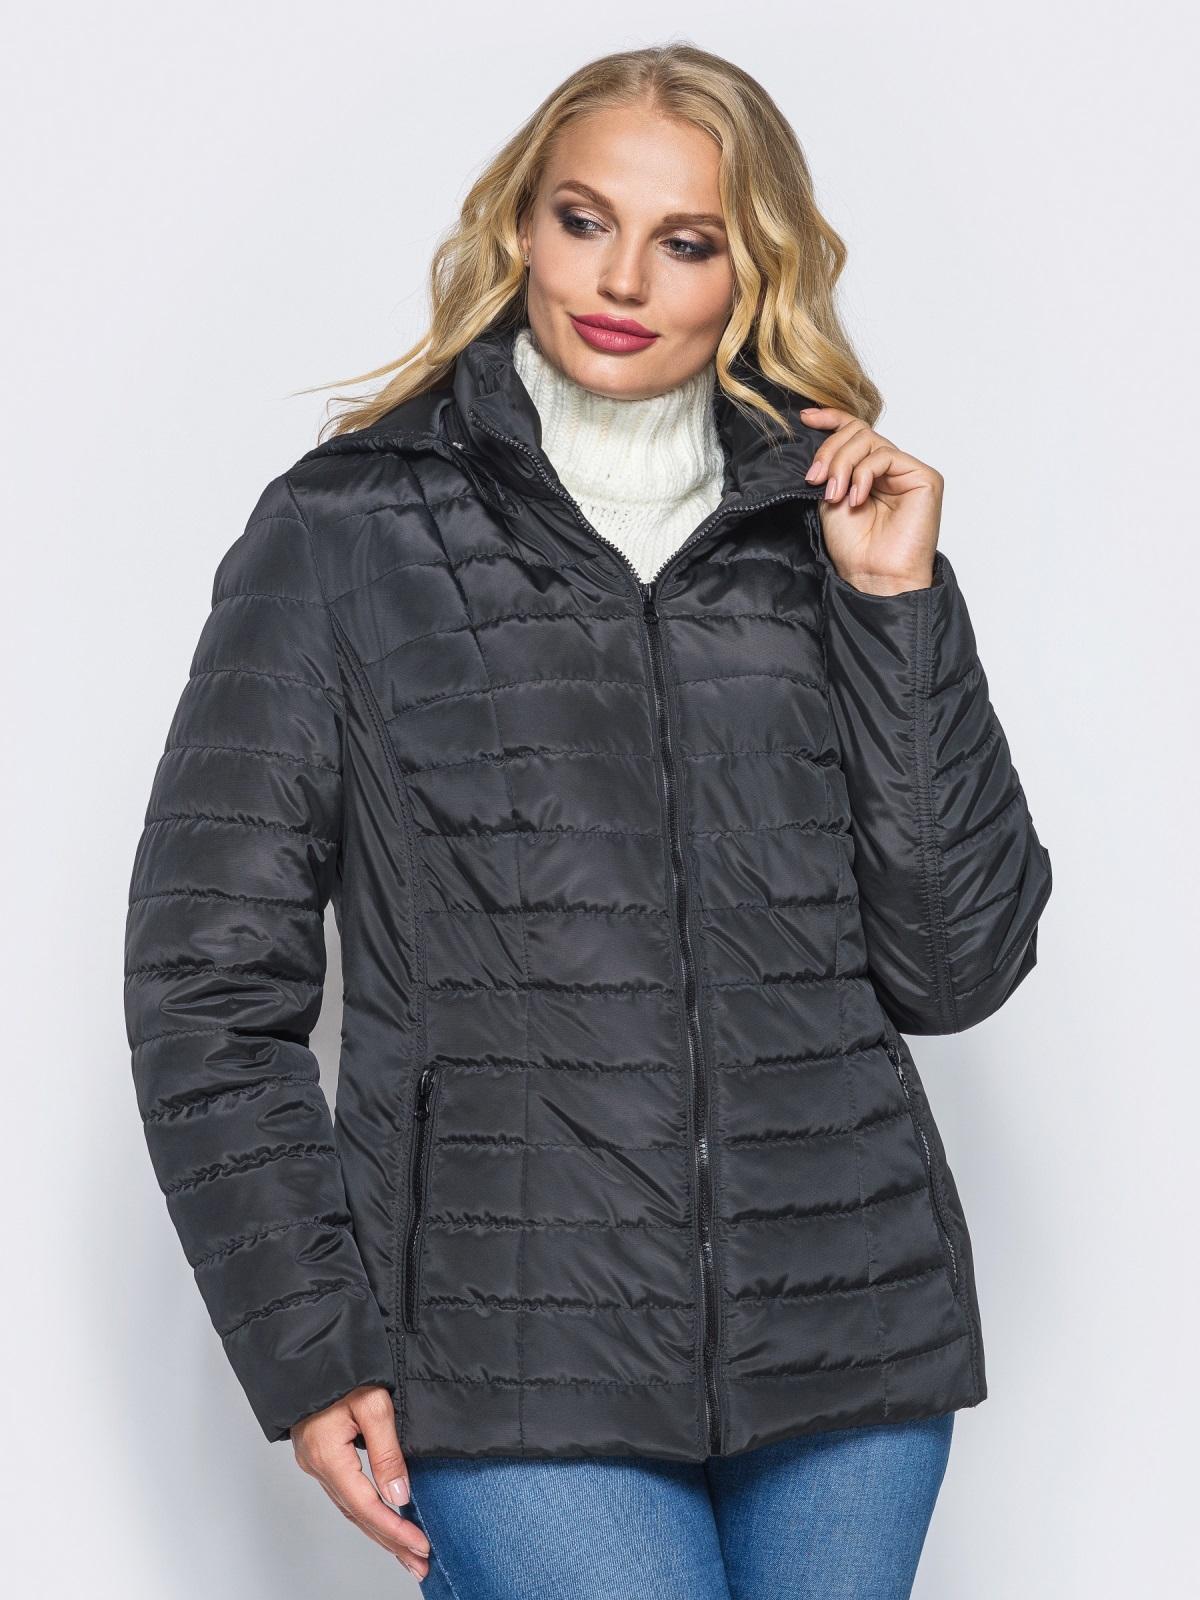 Черная демисезонная куртка батал с съемным капюшоном - 14711, фото 1 – интернет-магазин Dressa